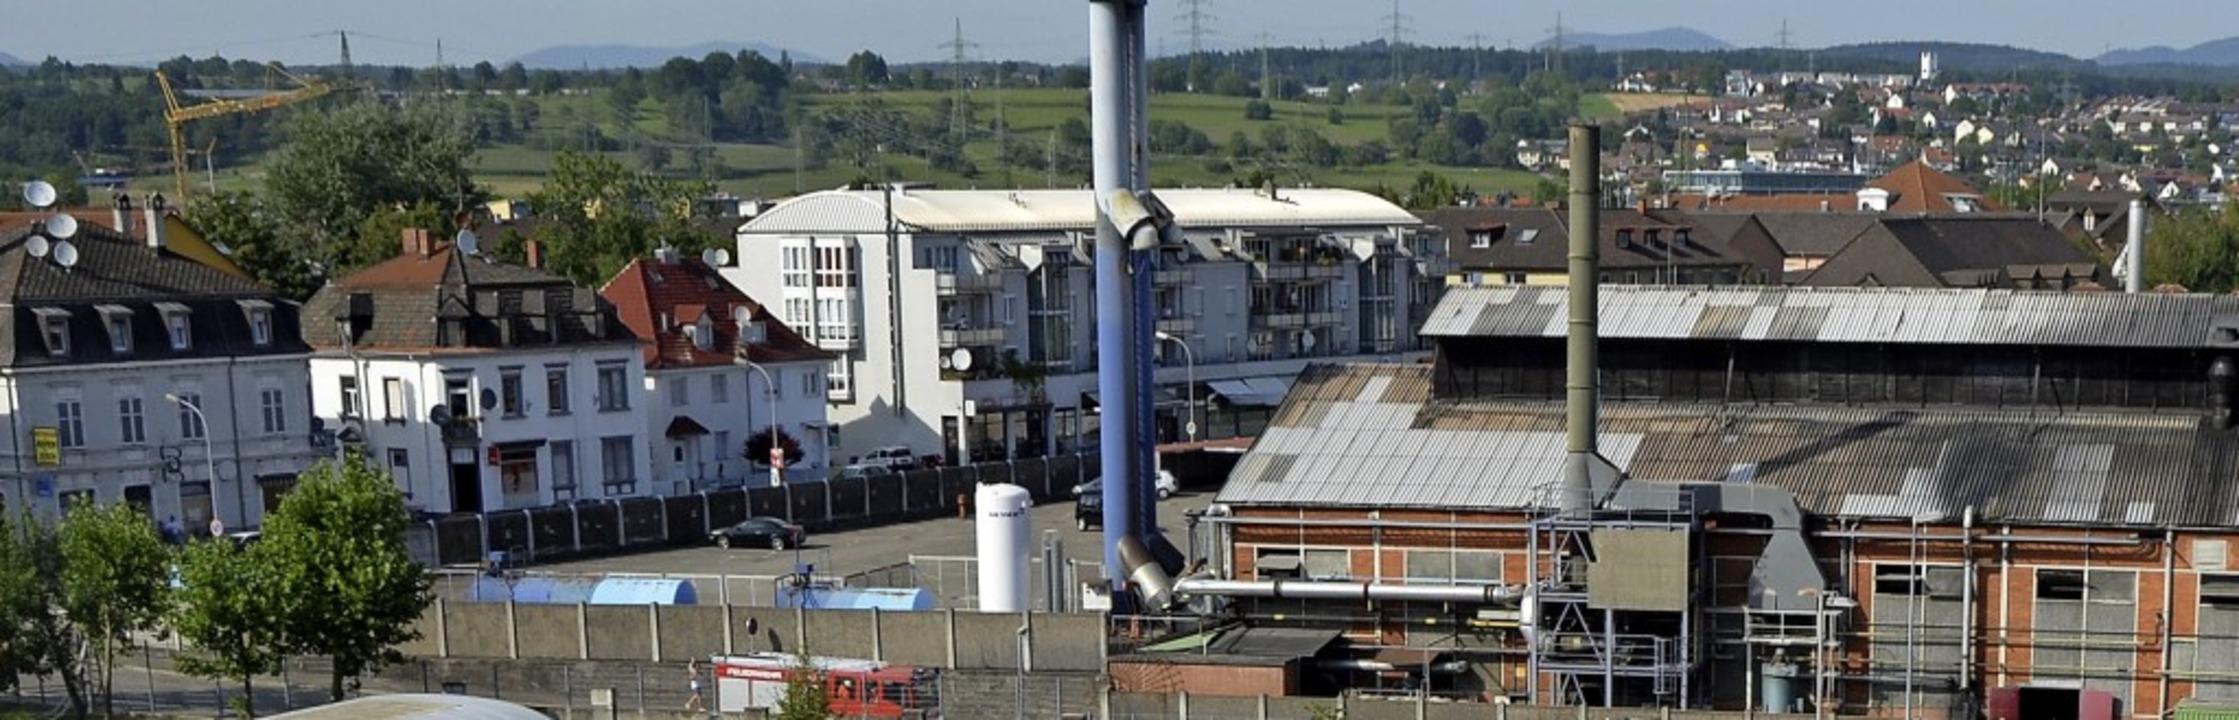 In direkter Nachbarschaft: Industrie- ...traeffiziente Industriegebiet erhält.   | Foto: Böhm-Jacob